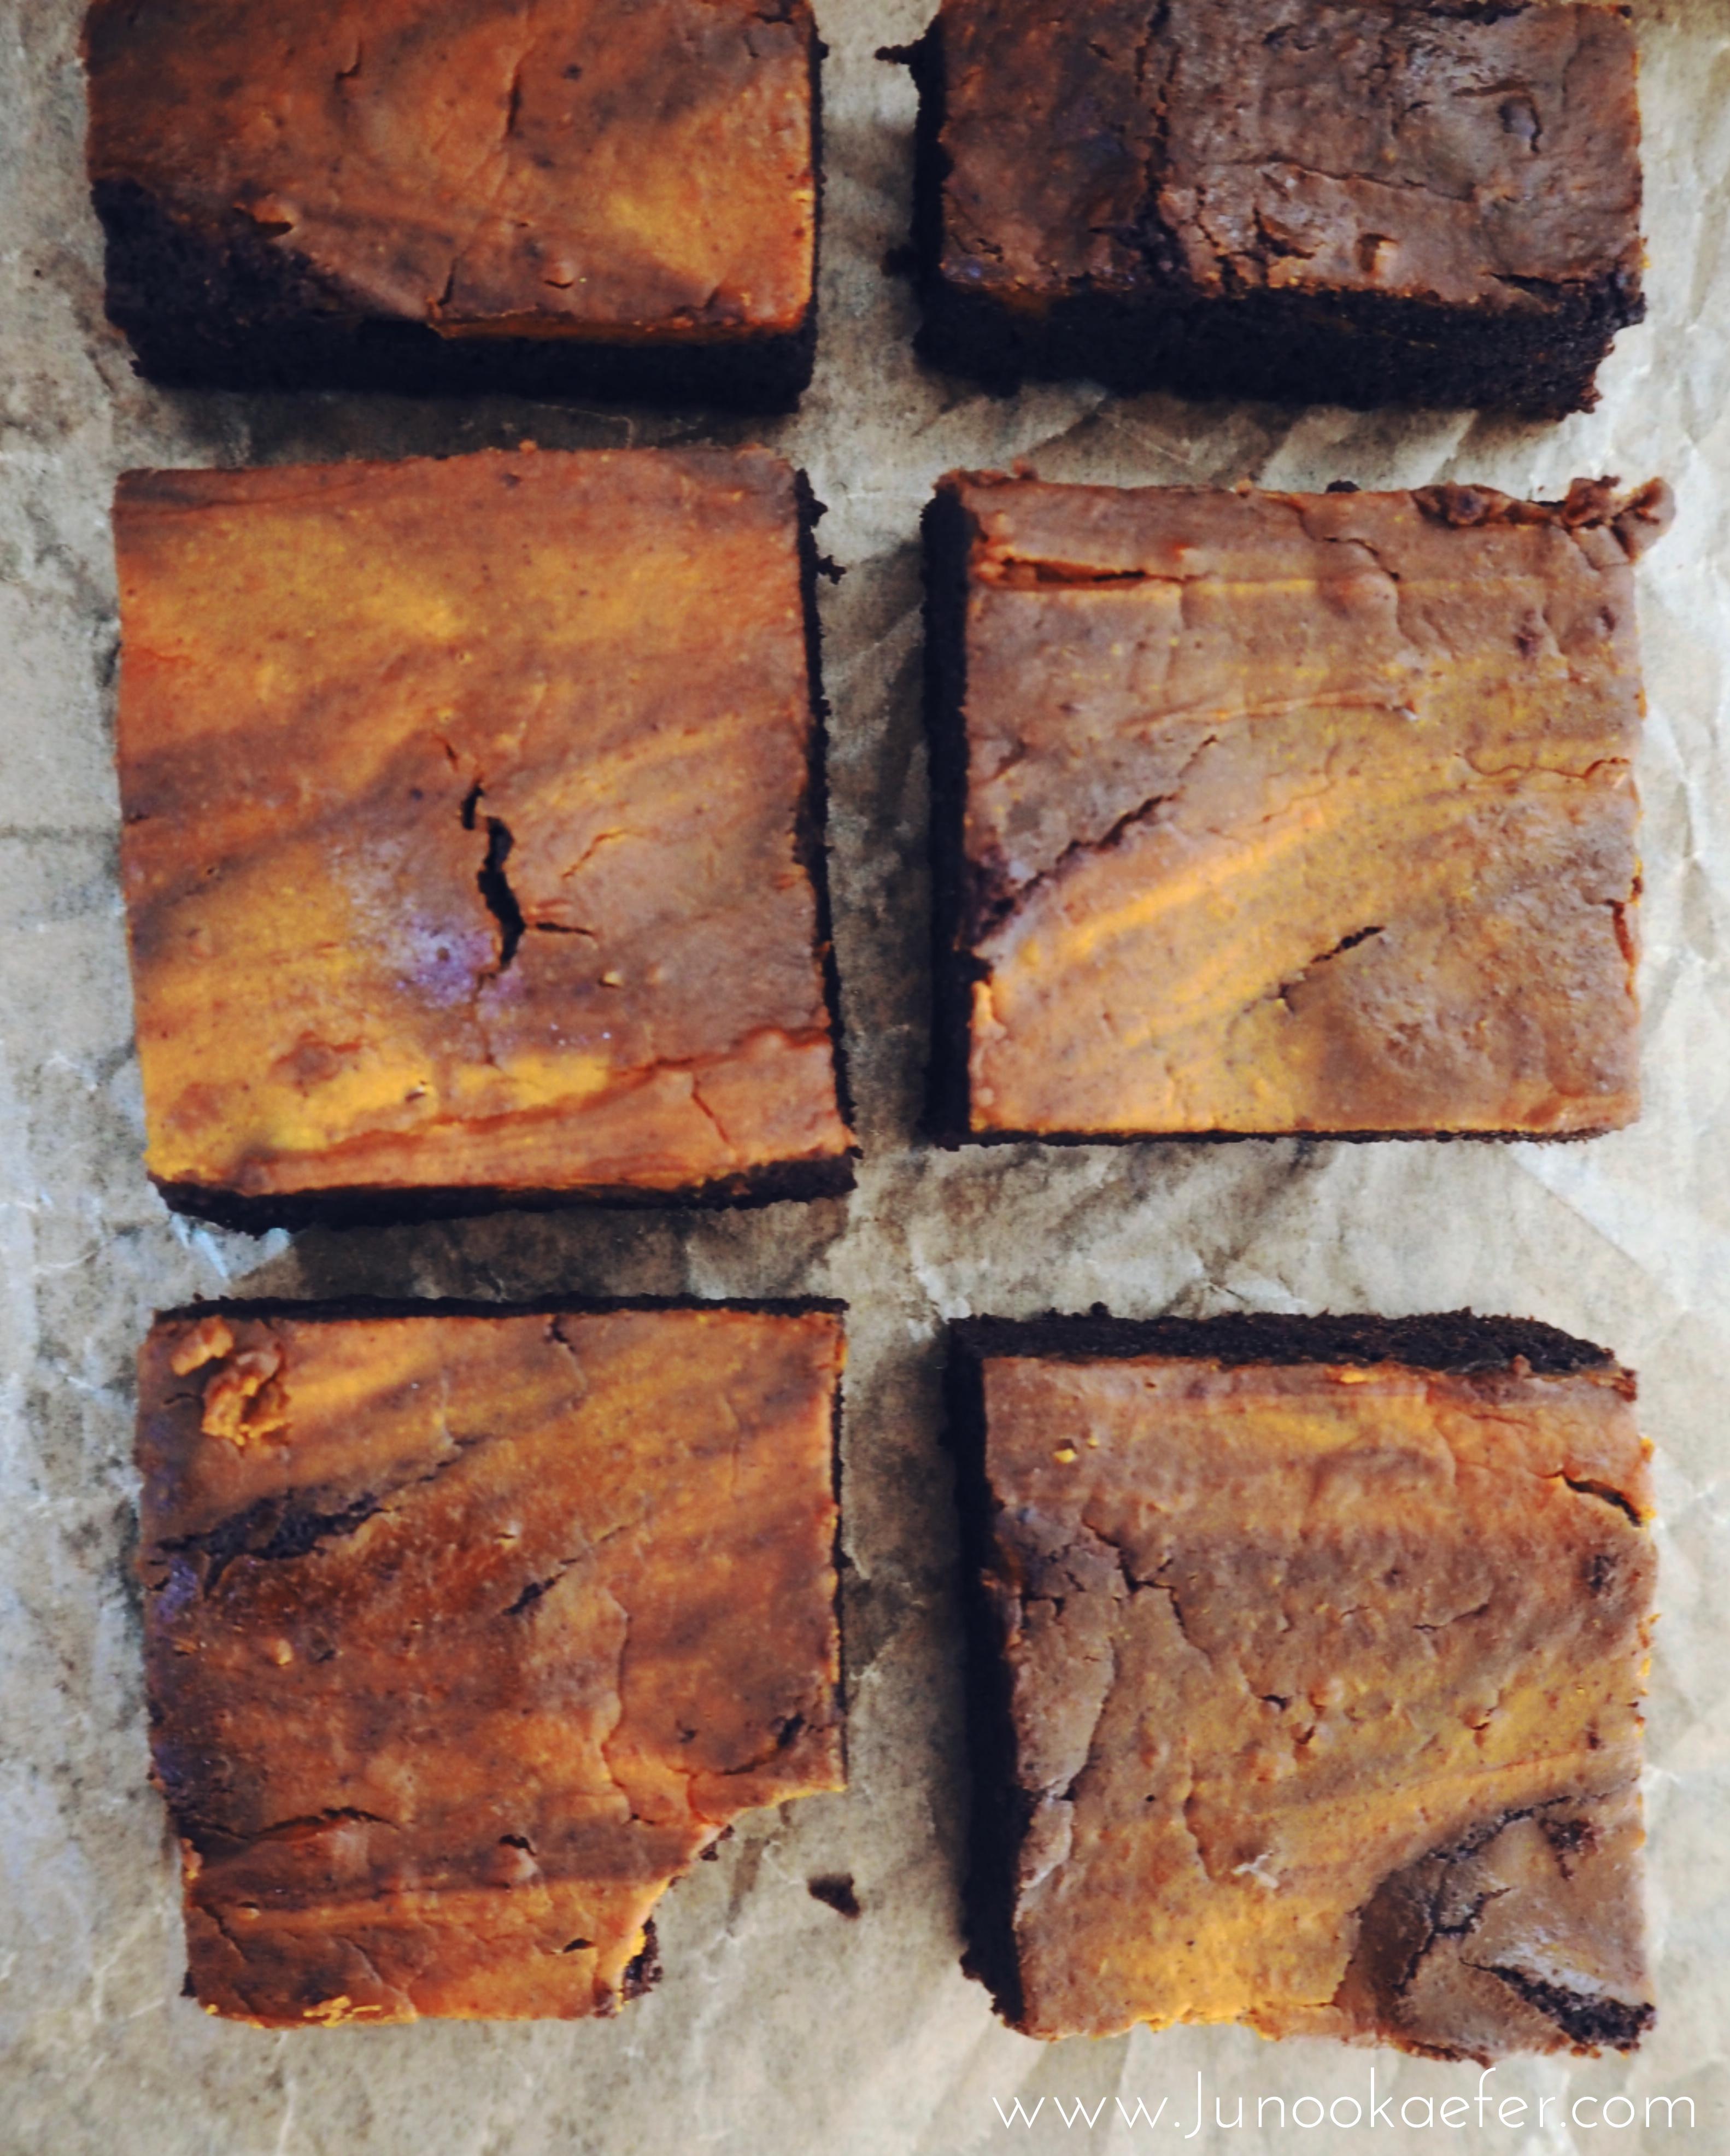 Kürbis-Brownies auf Backblech